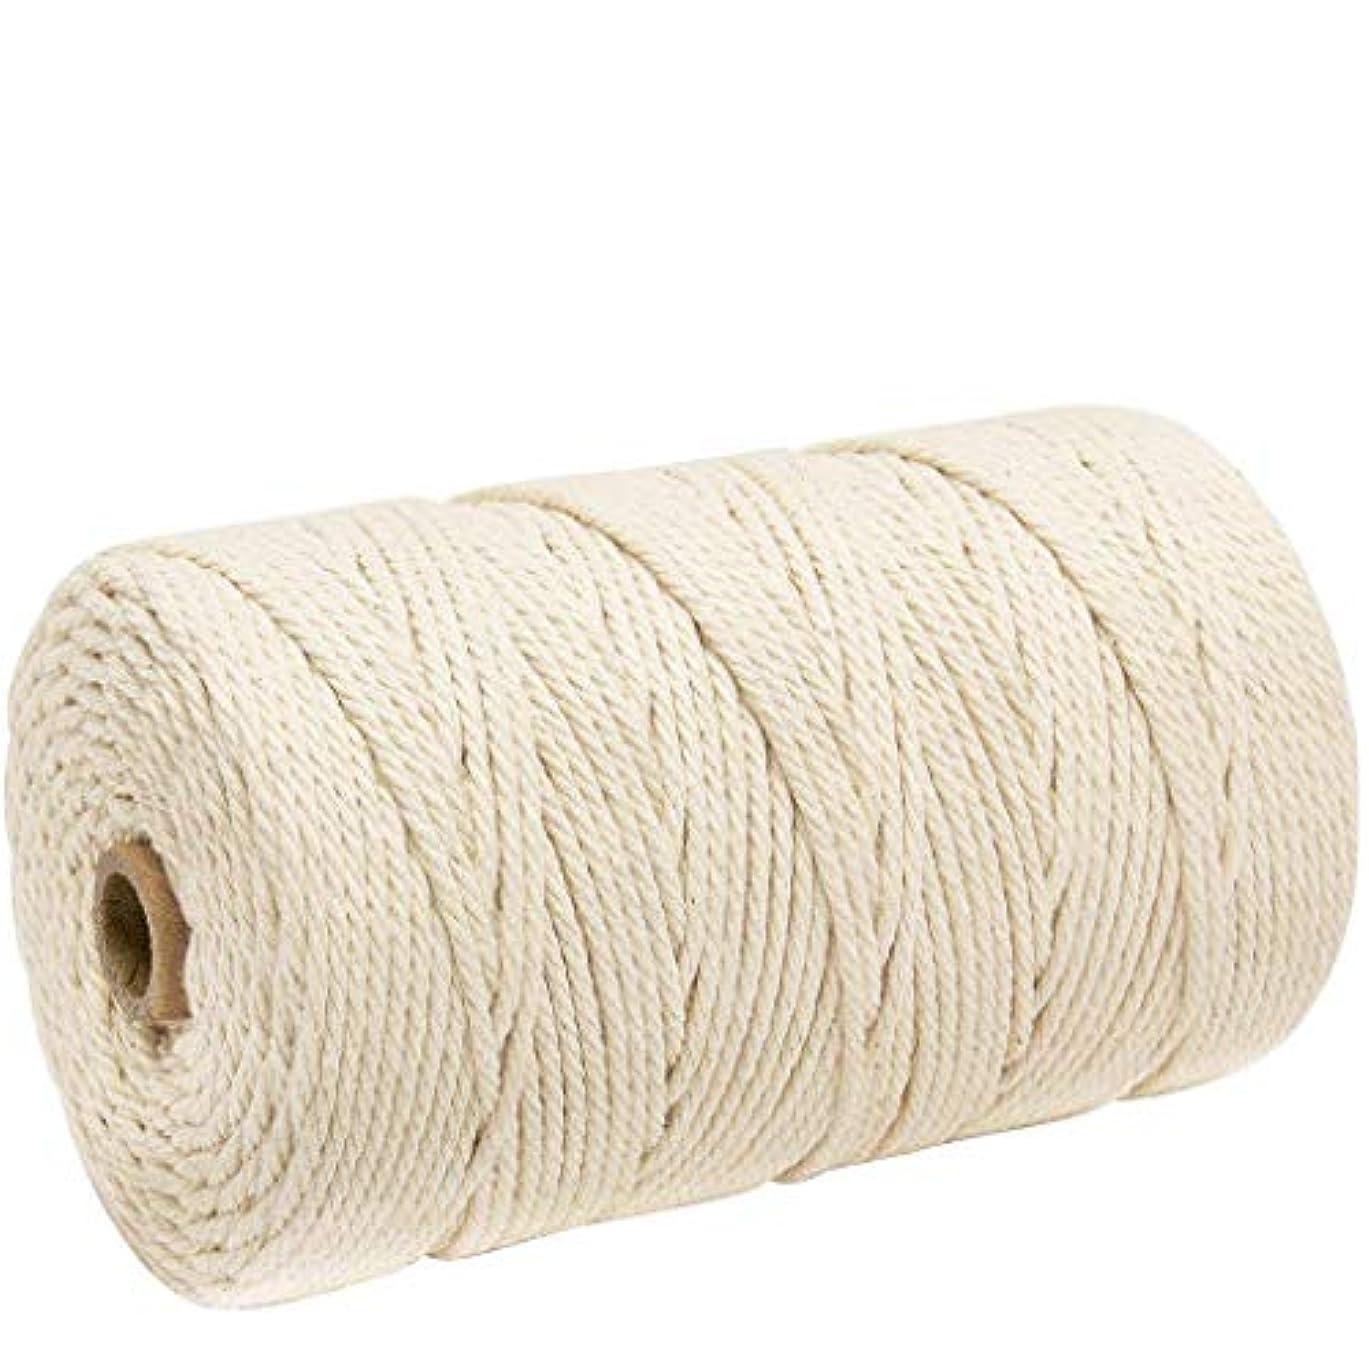 バブルくちばし運賃ナチュラルコットン マクラメ ロープ 紐 糸 手作り編み糸 綿 DIY壁掛けハンガークラフト編みコードロープ 3㎜ 200m (ライスホワイト)